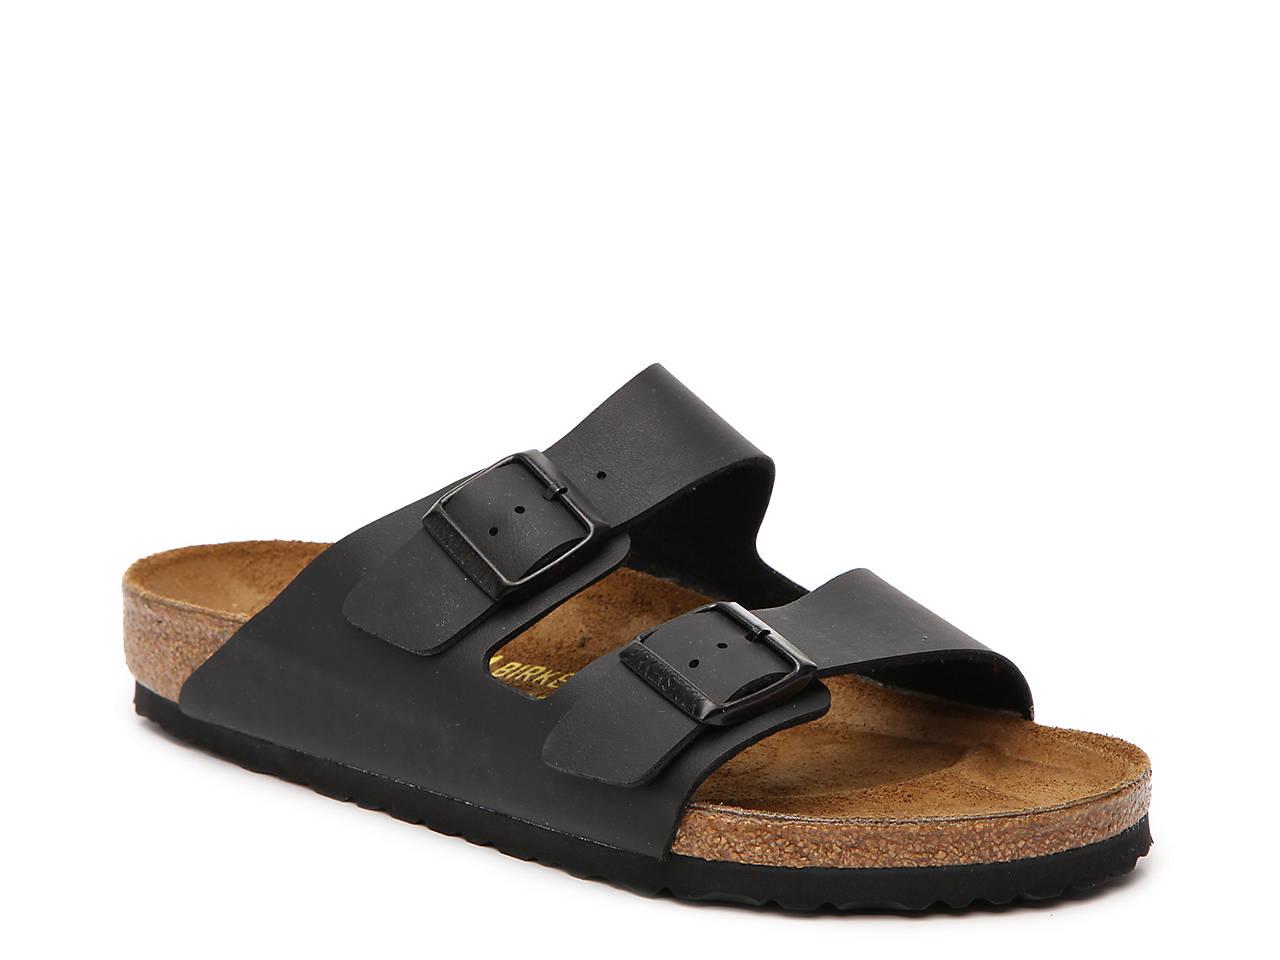 c3dee075288d Birkenstock Arizona Slide Sandal - Men s Men s Shoes